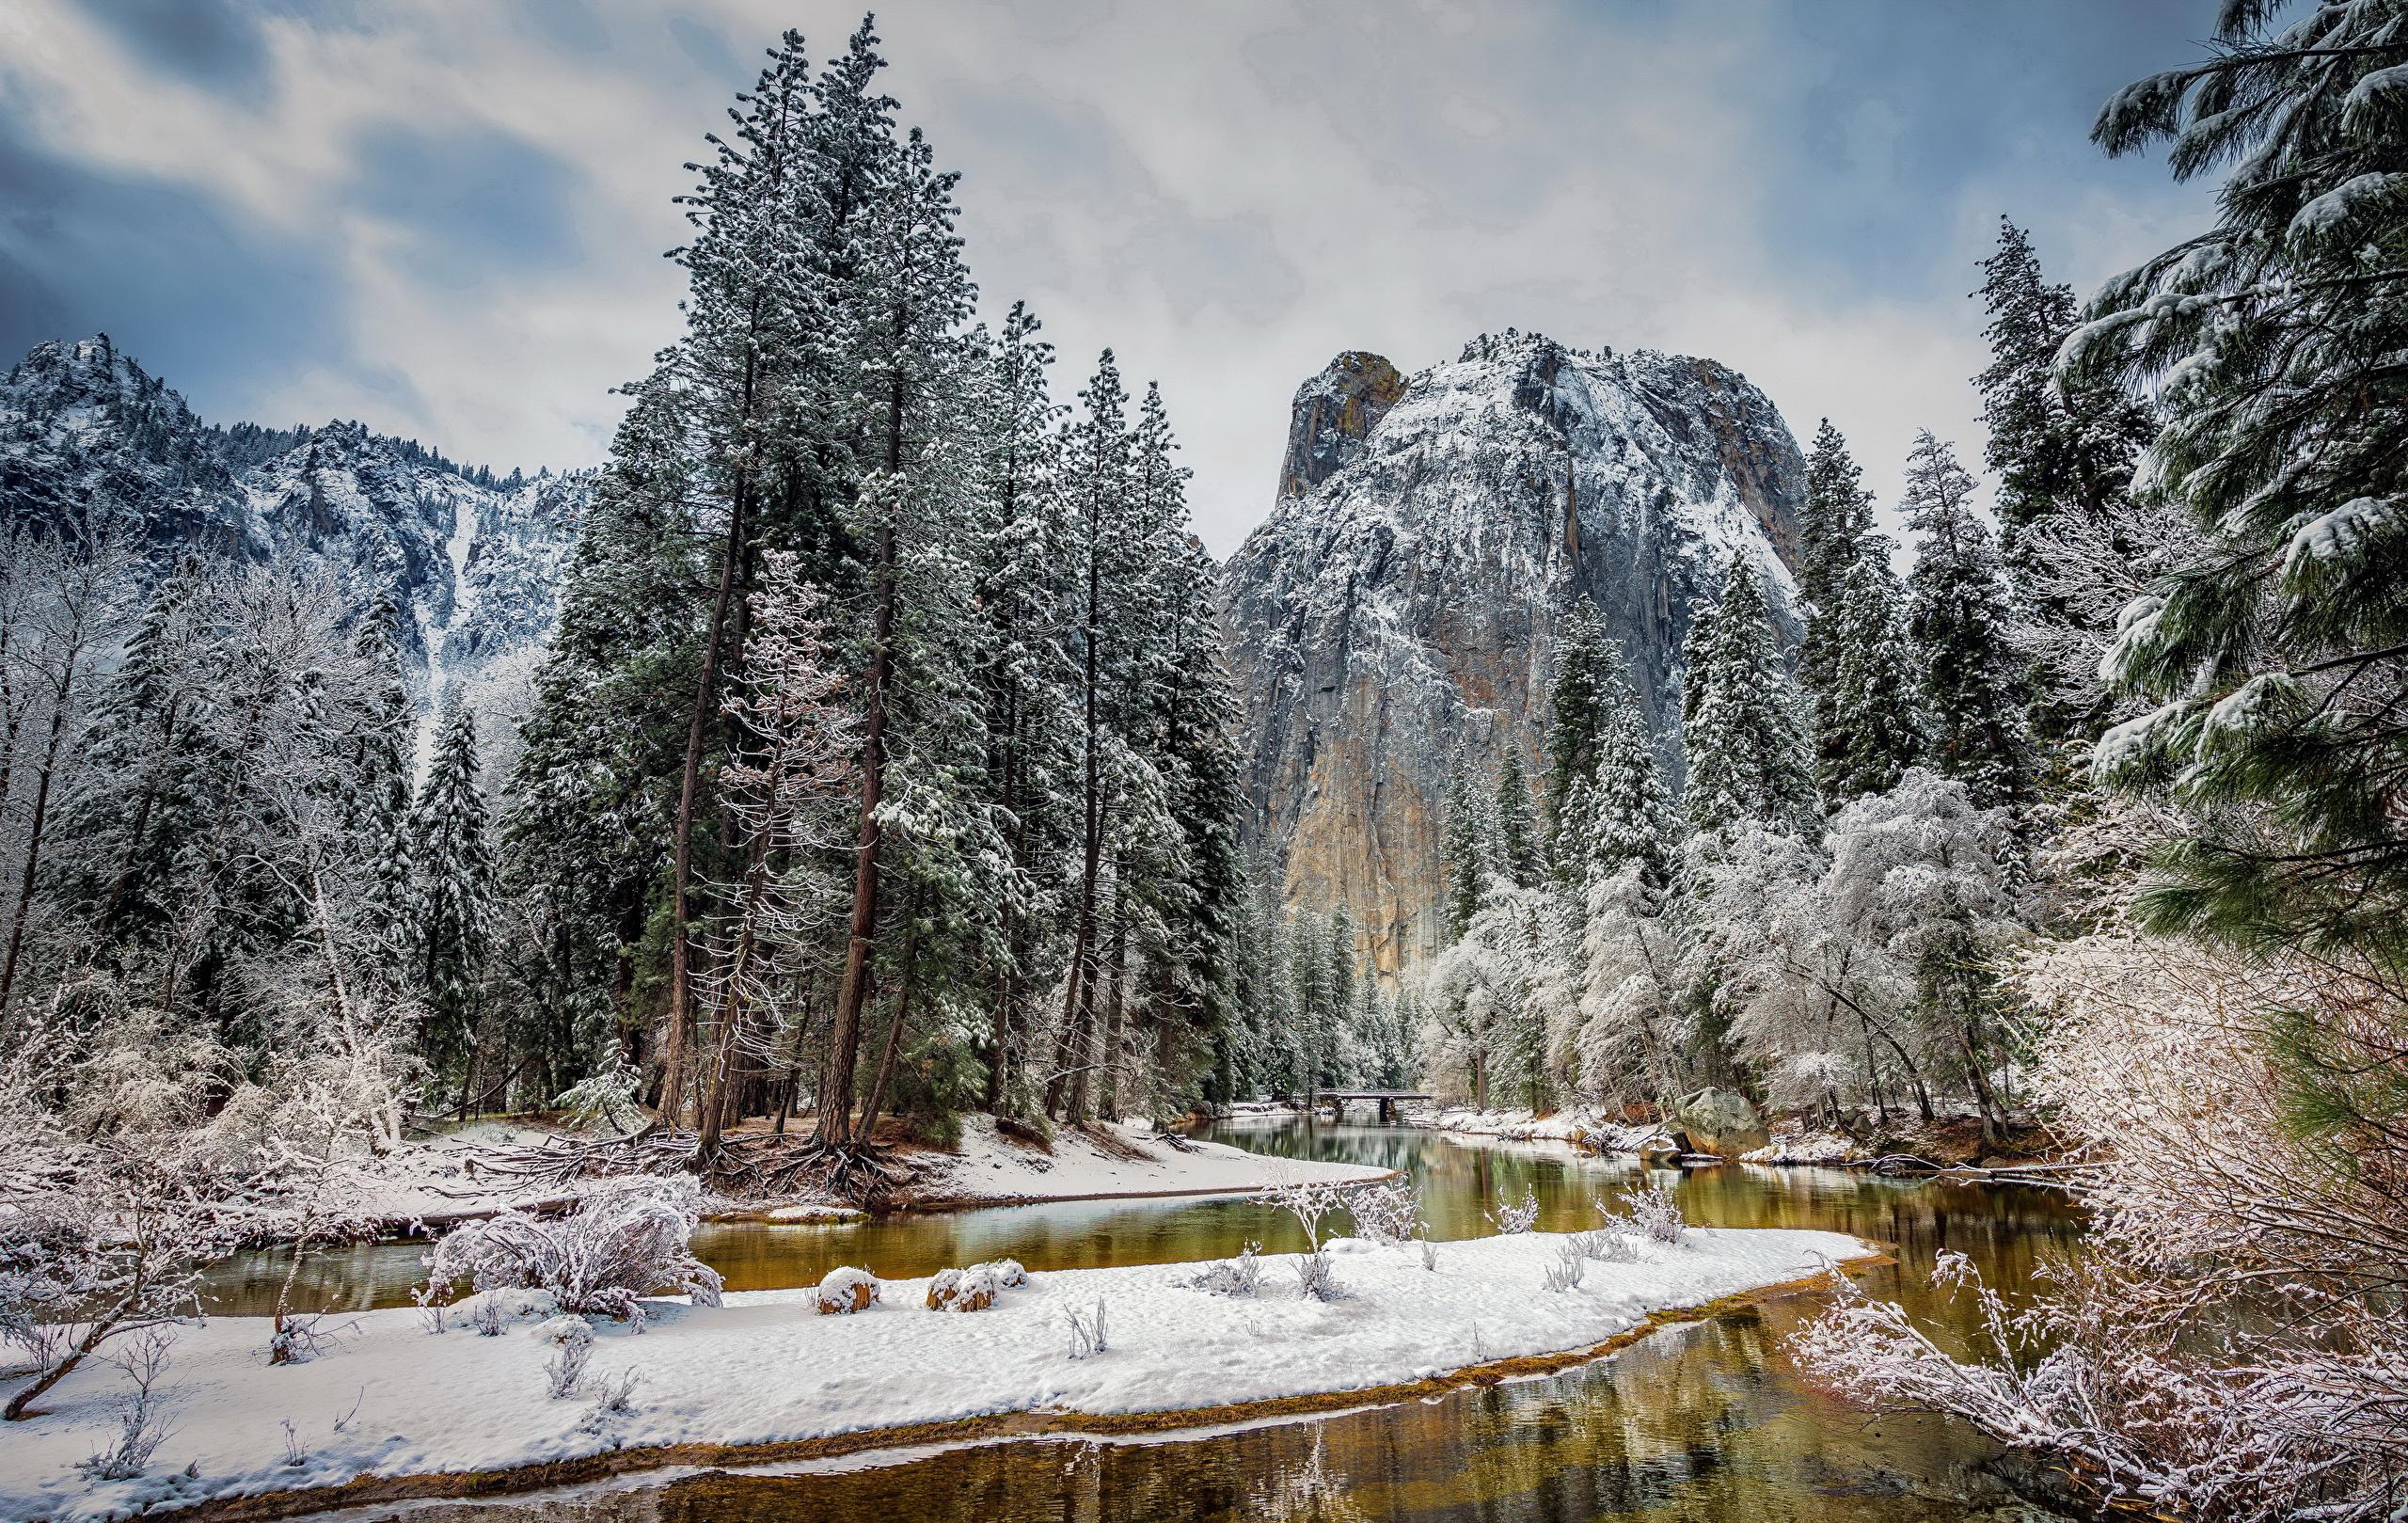 природа зима снег горы скалы деревья  № 2781201  скачать